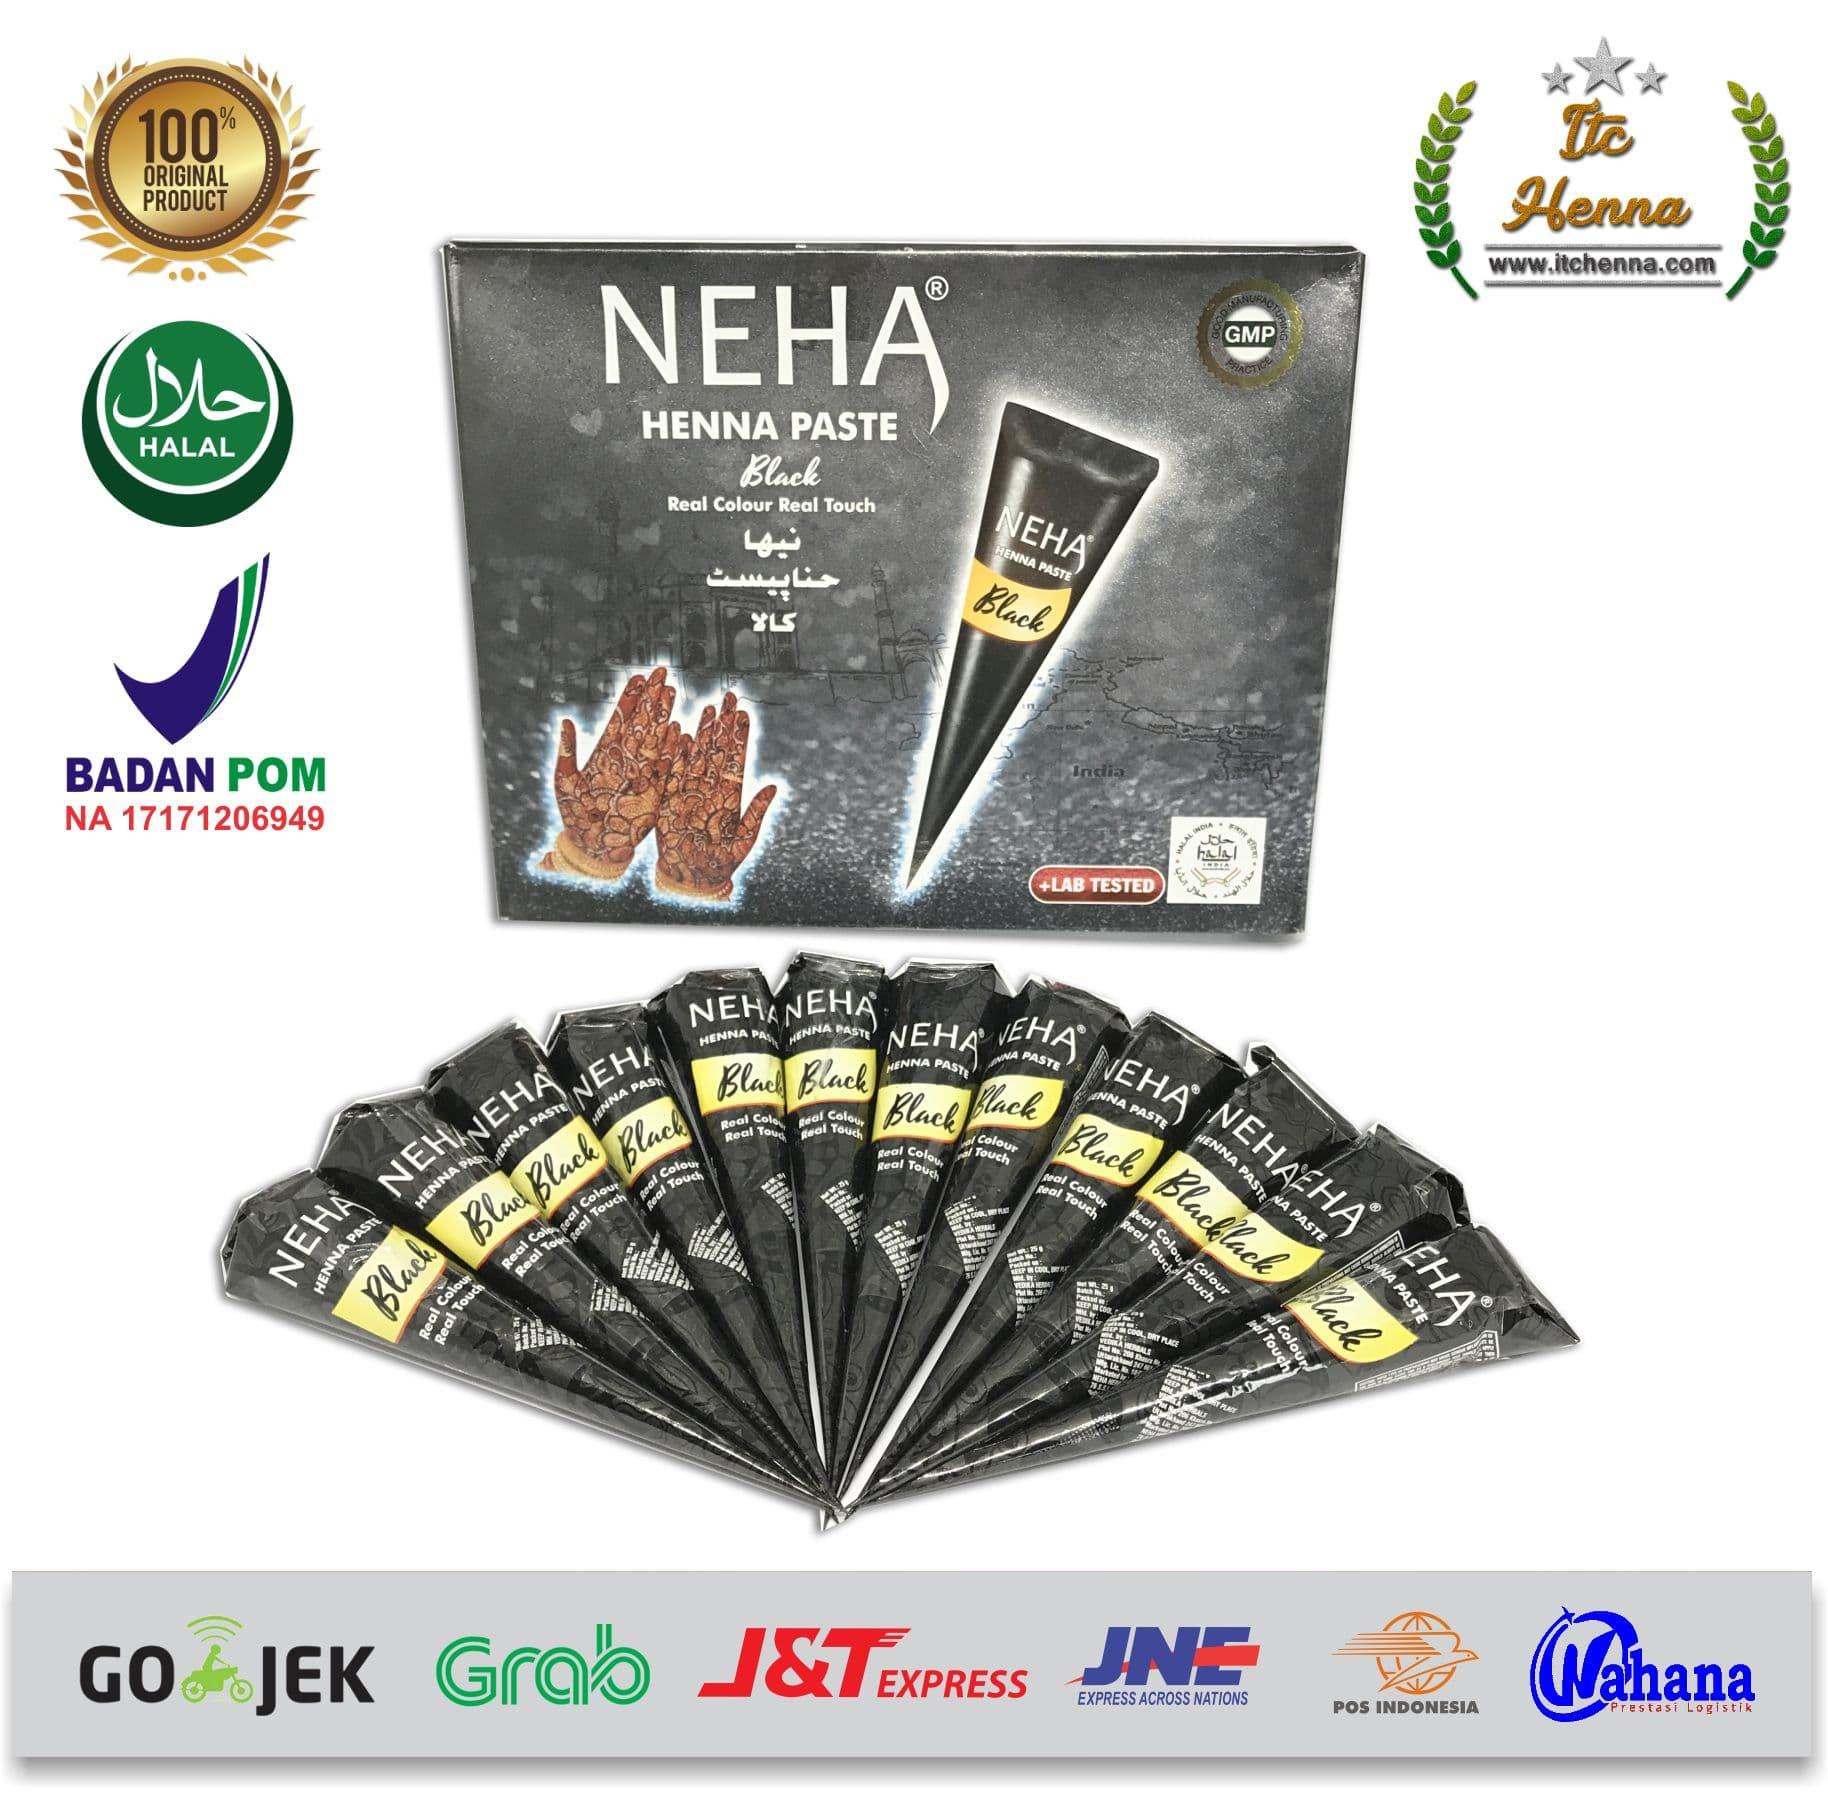 Jual Neha Hitam Henna 1 Box Isi 12 Cone Itc Henna Tokopedia